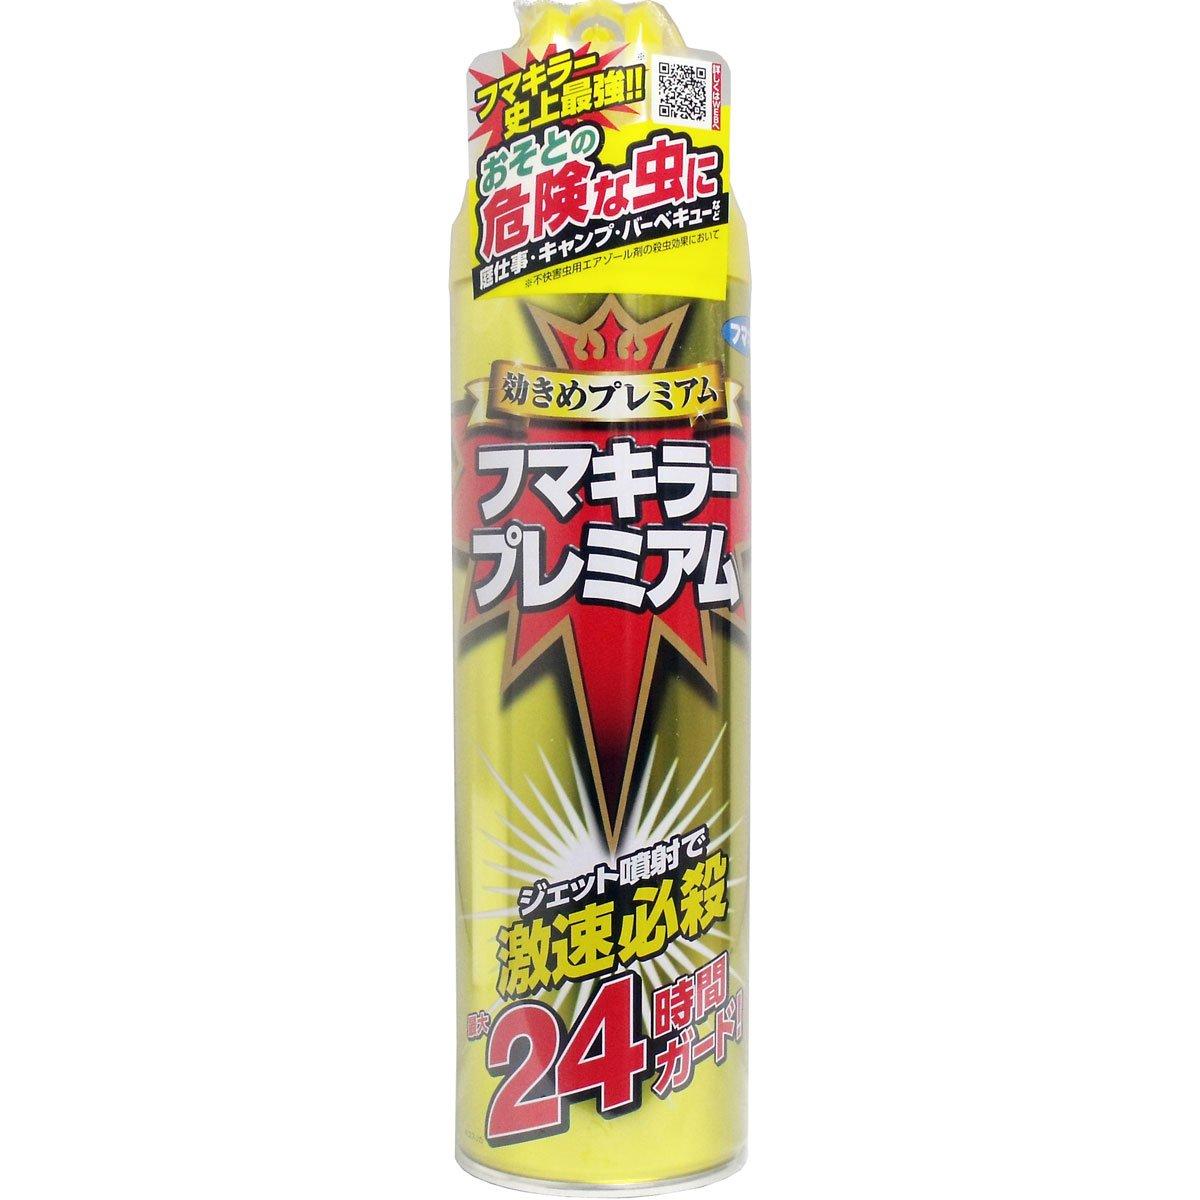 【フマキラー】フマキラープレミアム 550ml ×10個セット B00XTAO3J2